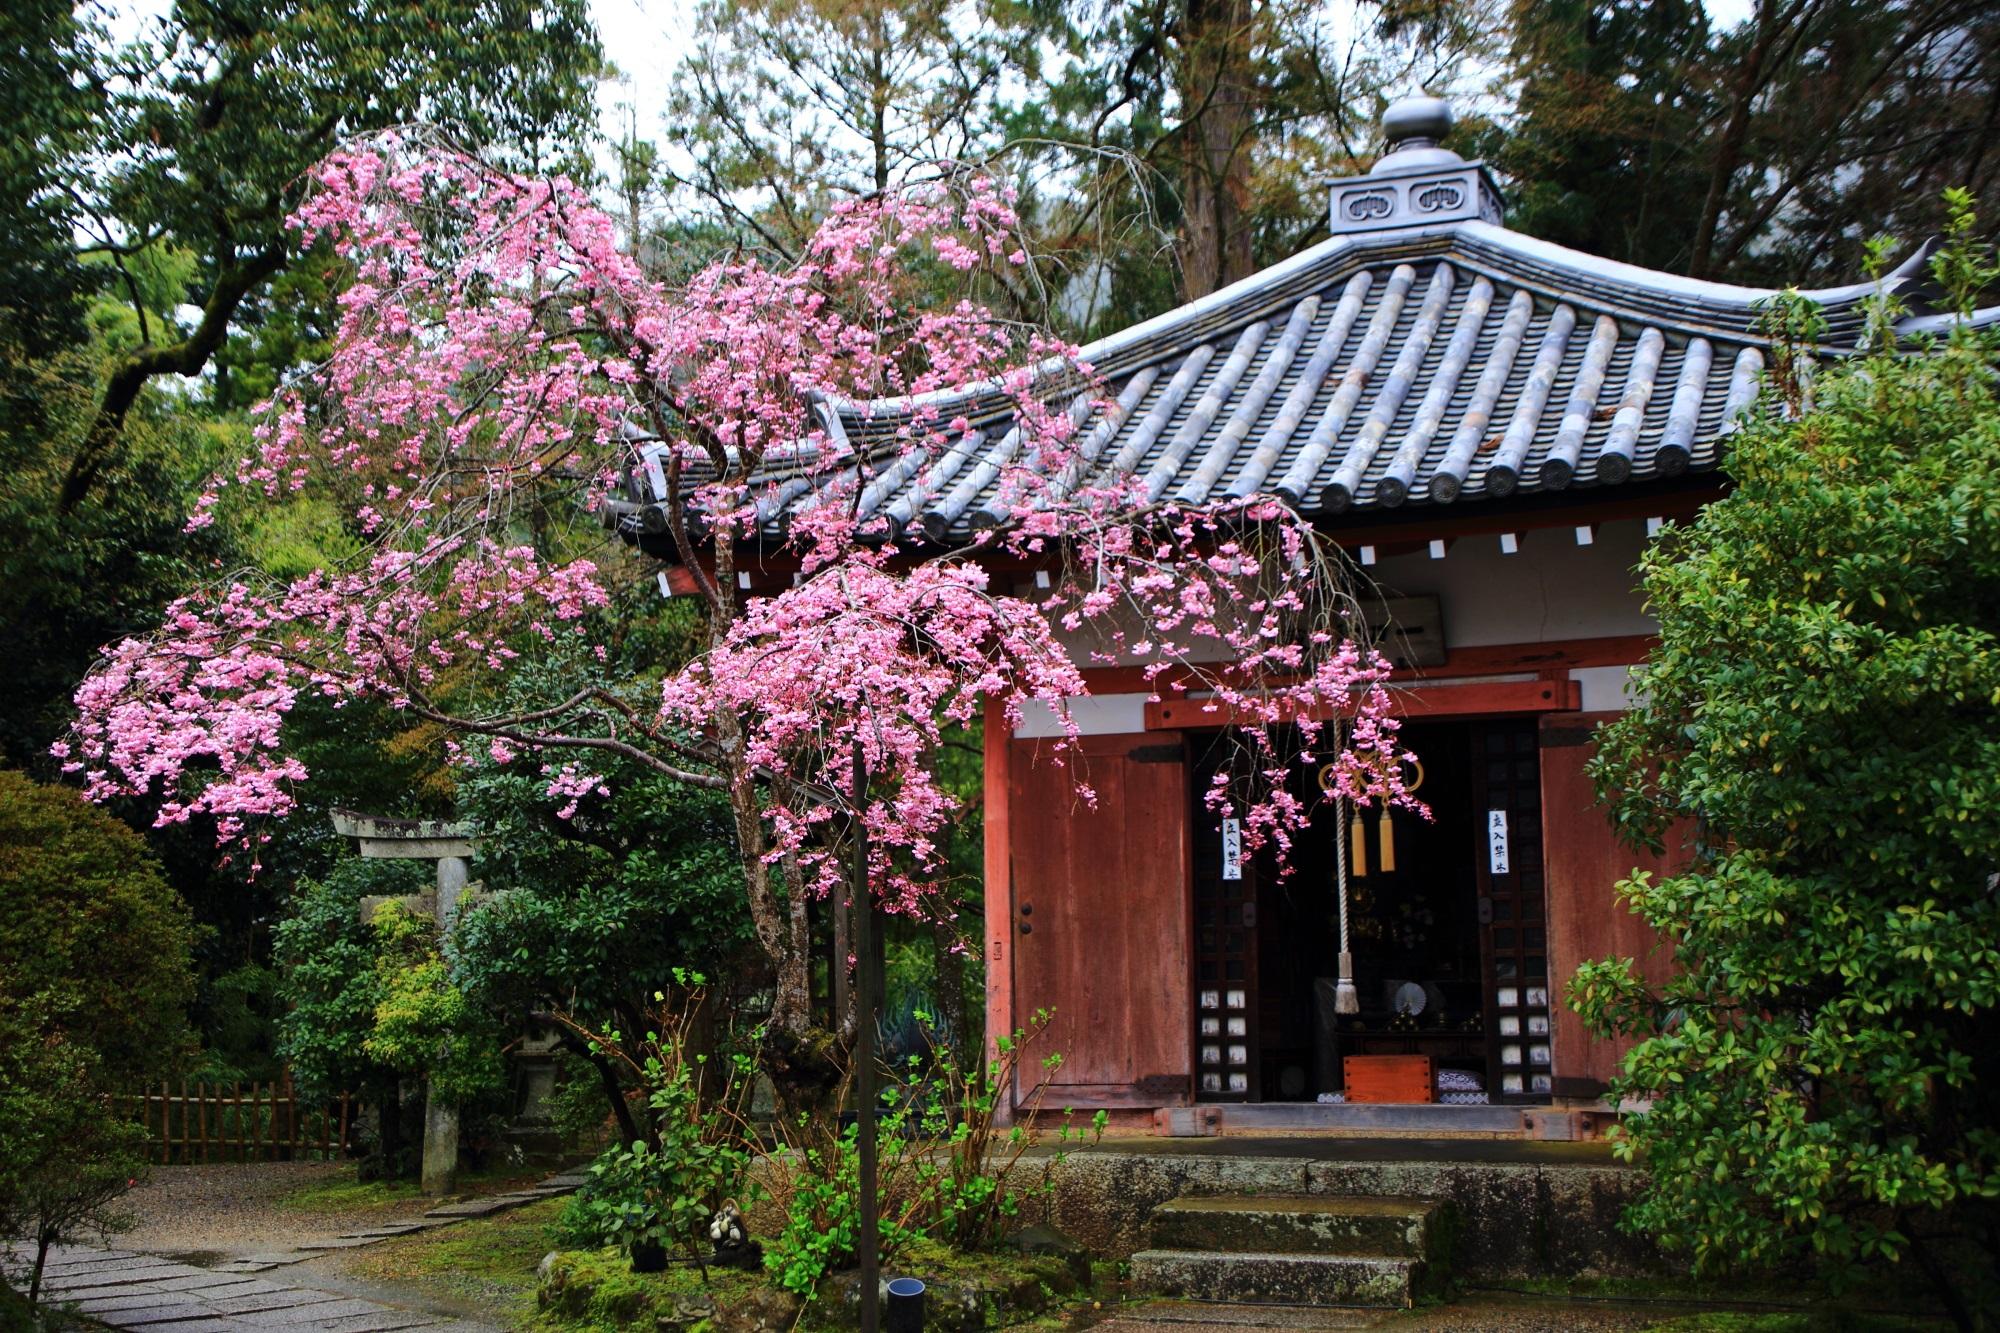 毘沙門堂のまだ木は小さい枝垂れ桜